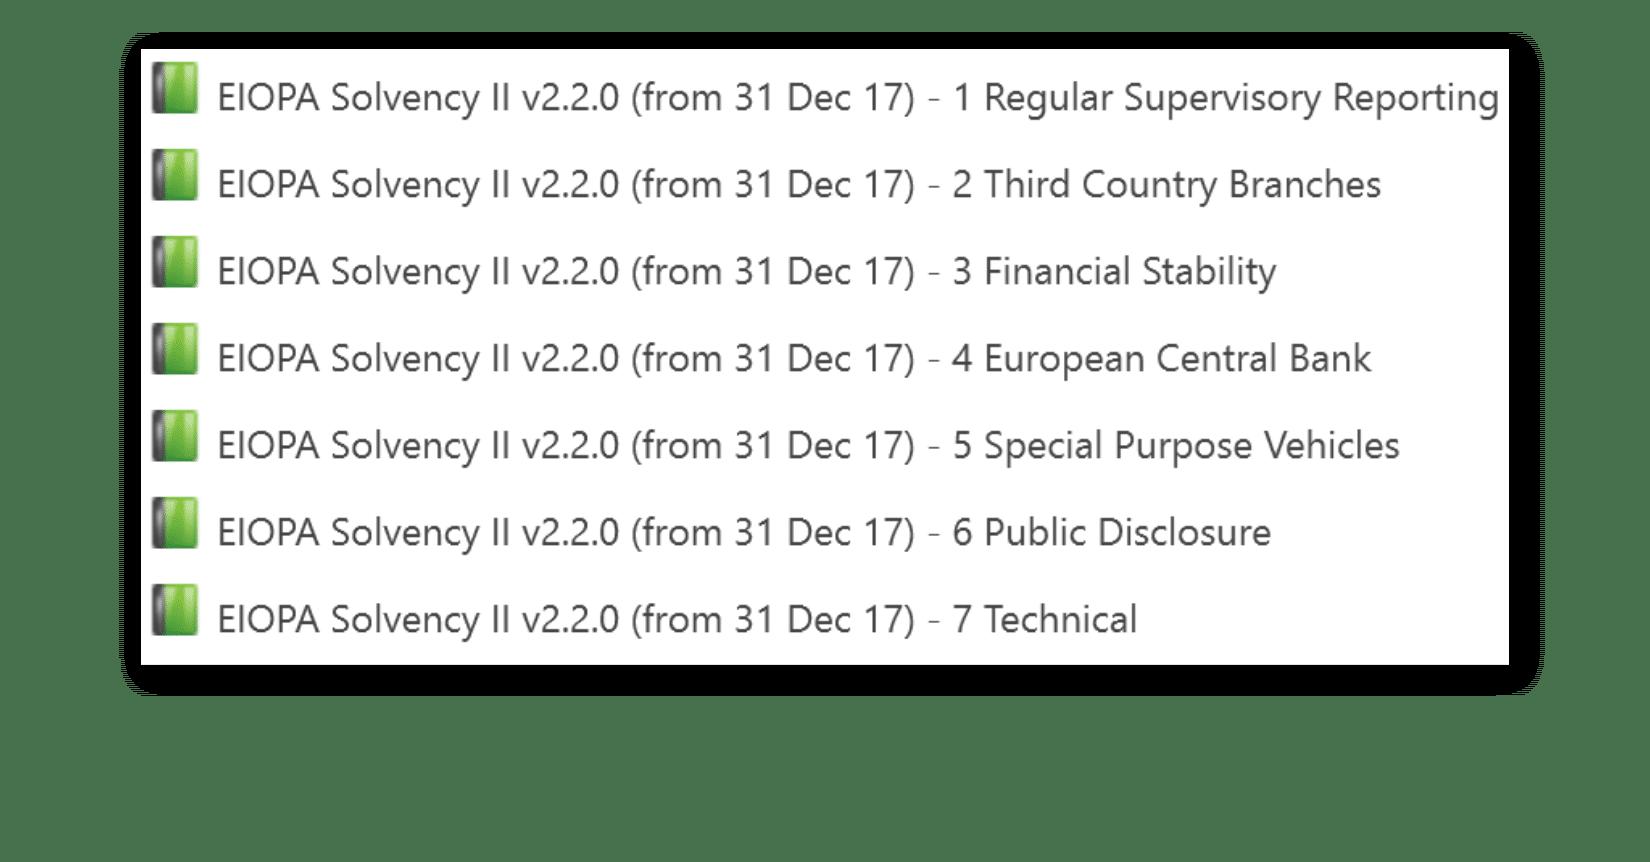 EIOPA Solvency II XBRL Taxonomy